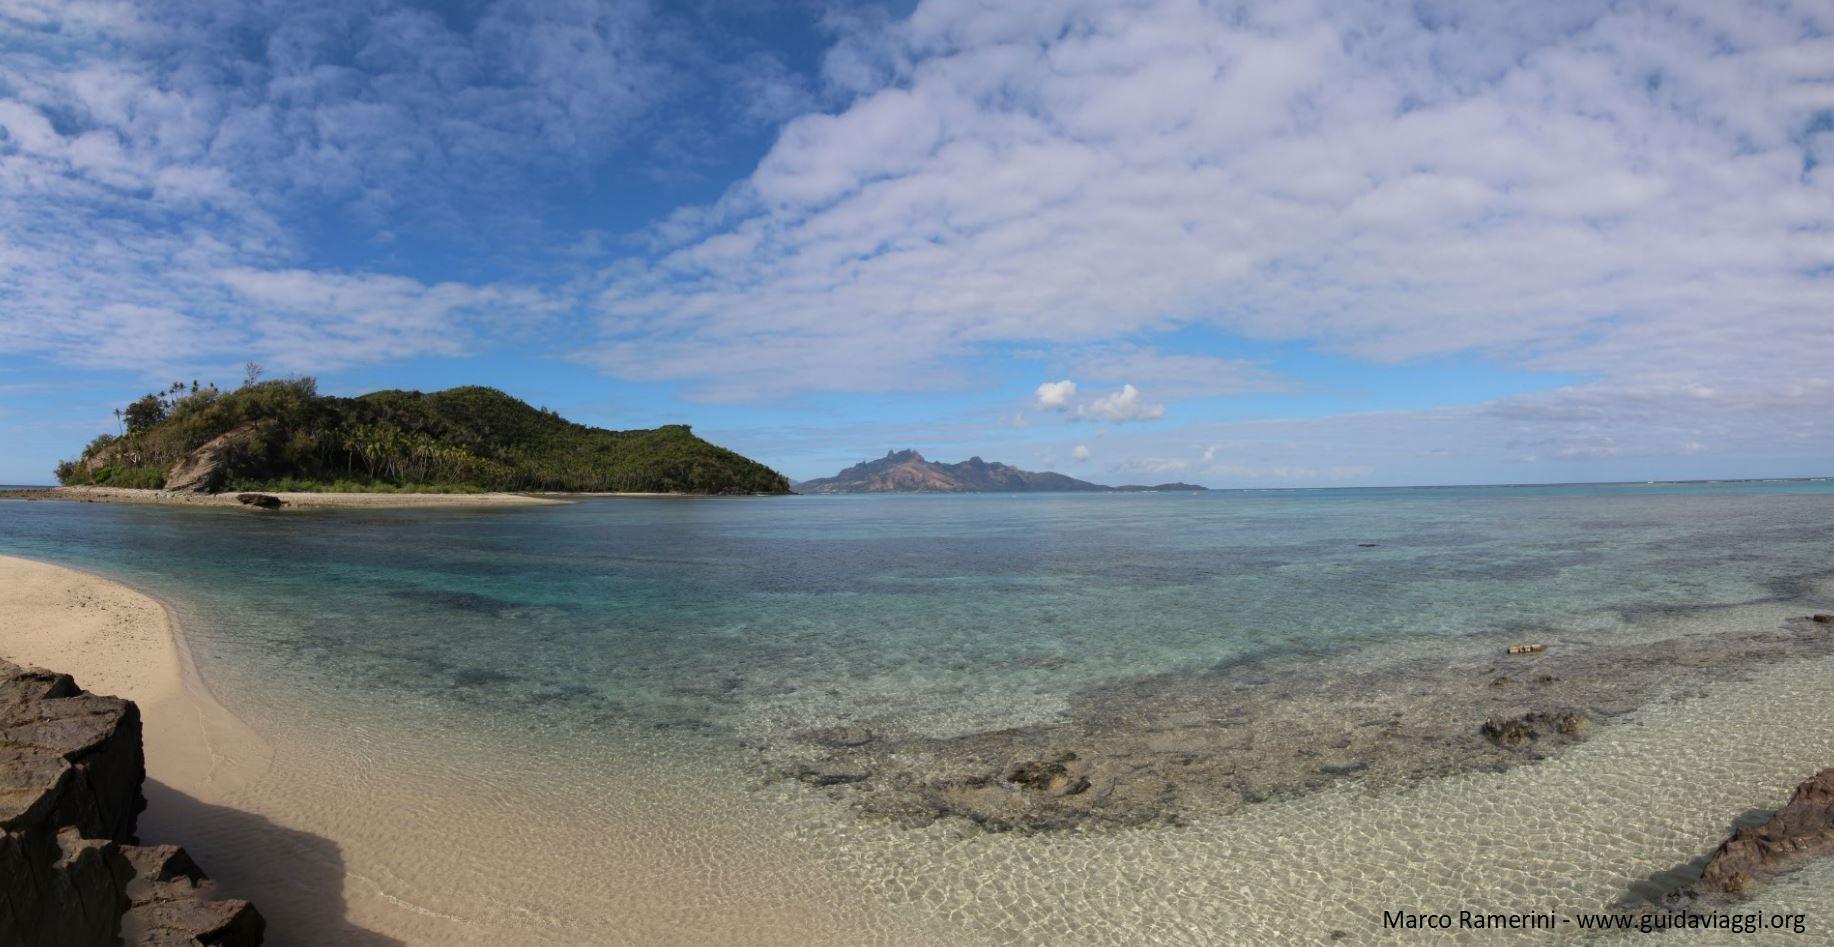 Visão geral da lagoa Narara vista de Naukacuvu, Ilhas Yasawa, Fiji. Autor e Copyright Marco Ramerini